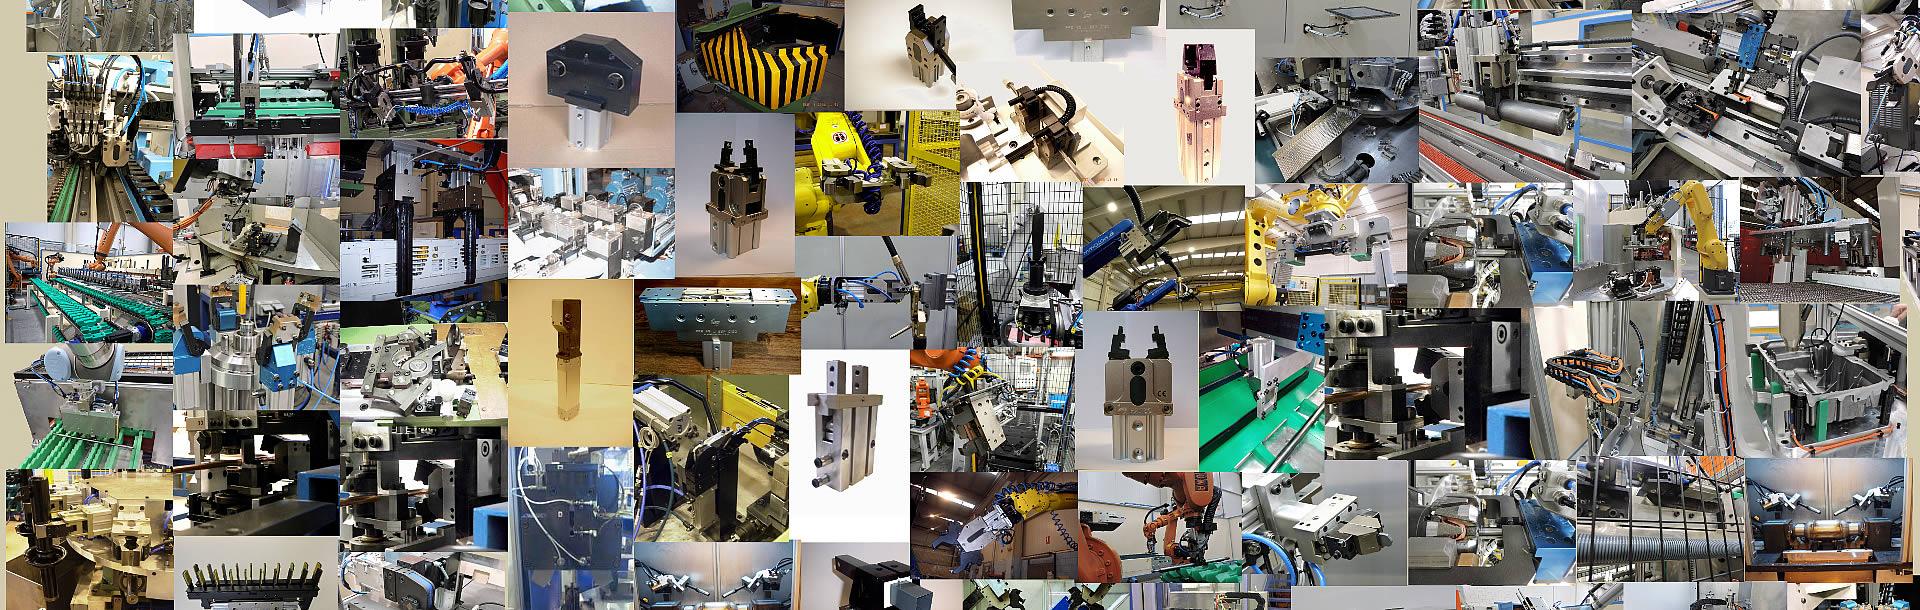 Variedad de pinzas para aplicaciones industriales